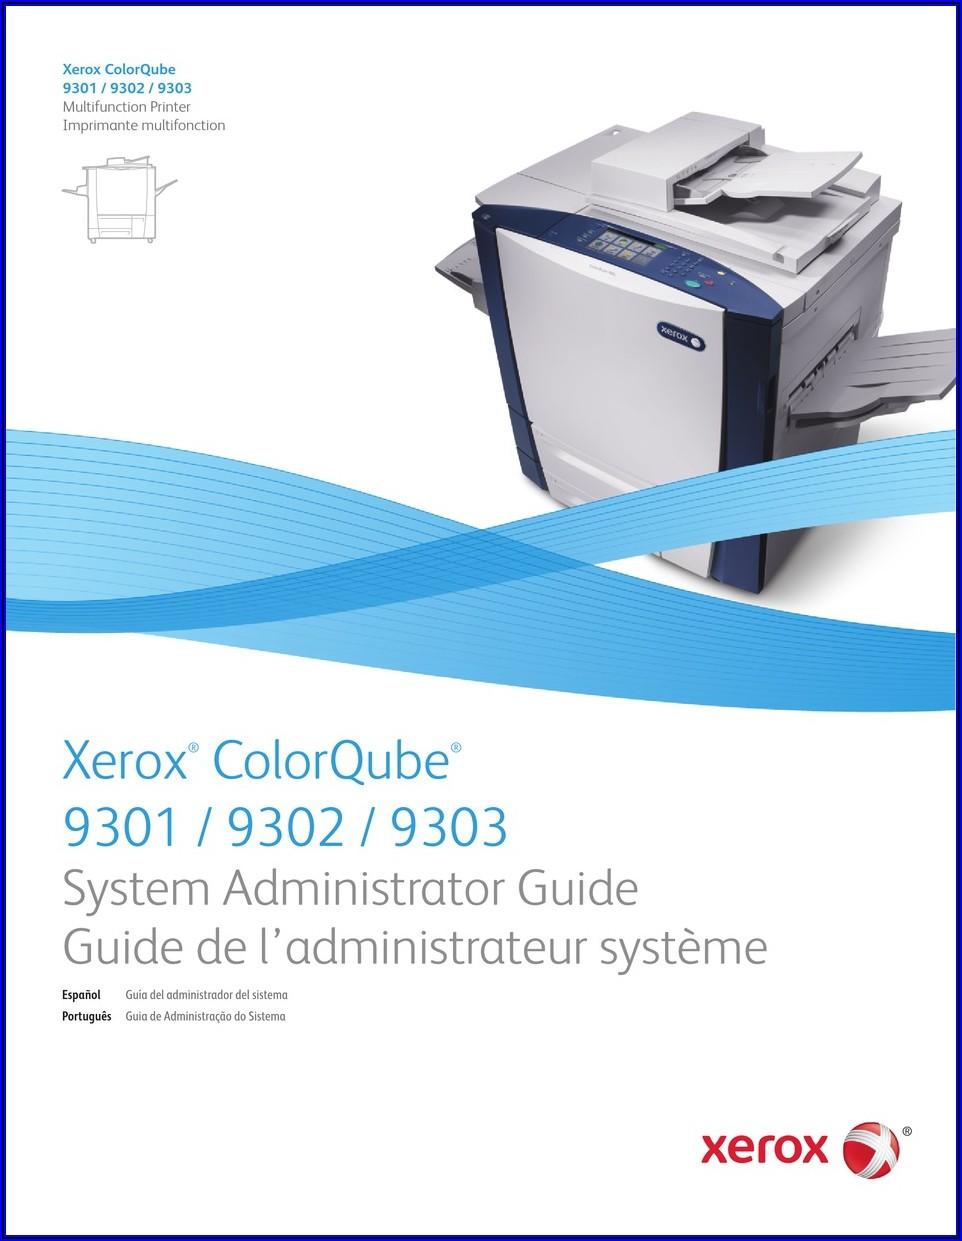 Xerox Colorqube 9301 Manual